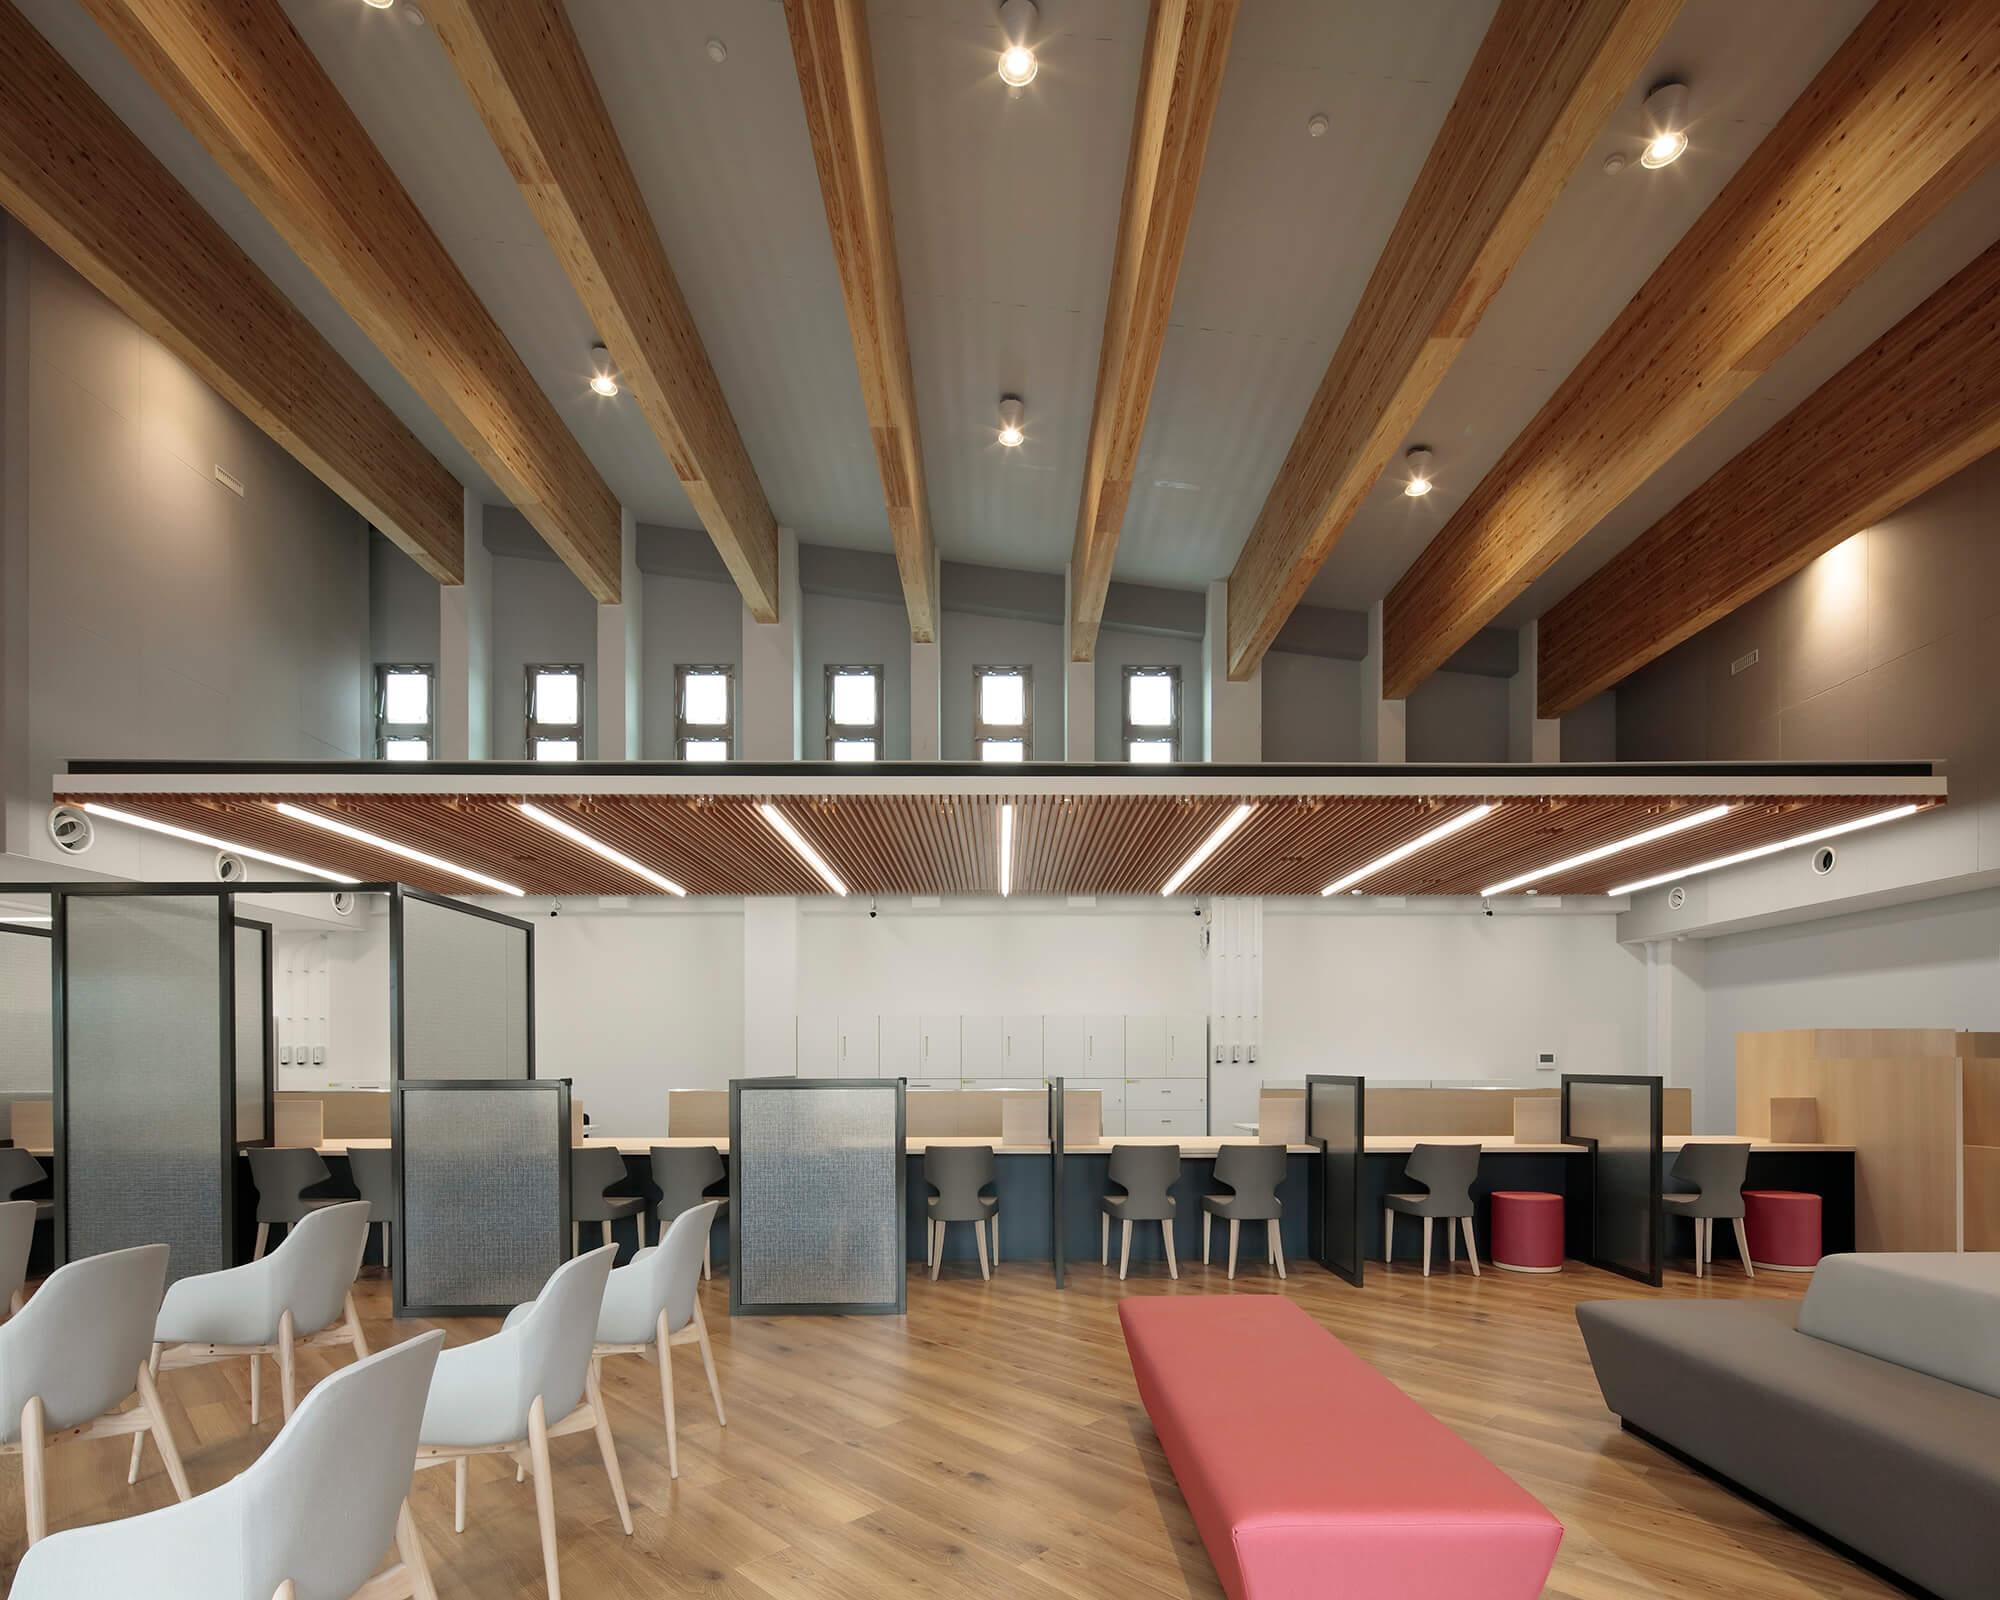 木造建築の施工事例:琉球銀行 本部支店 5枚目